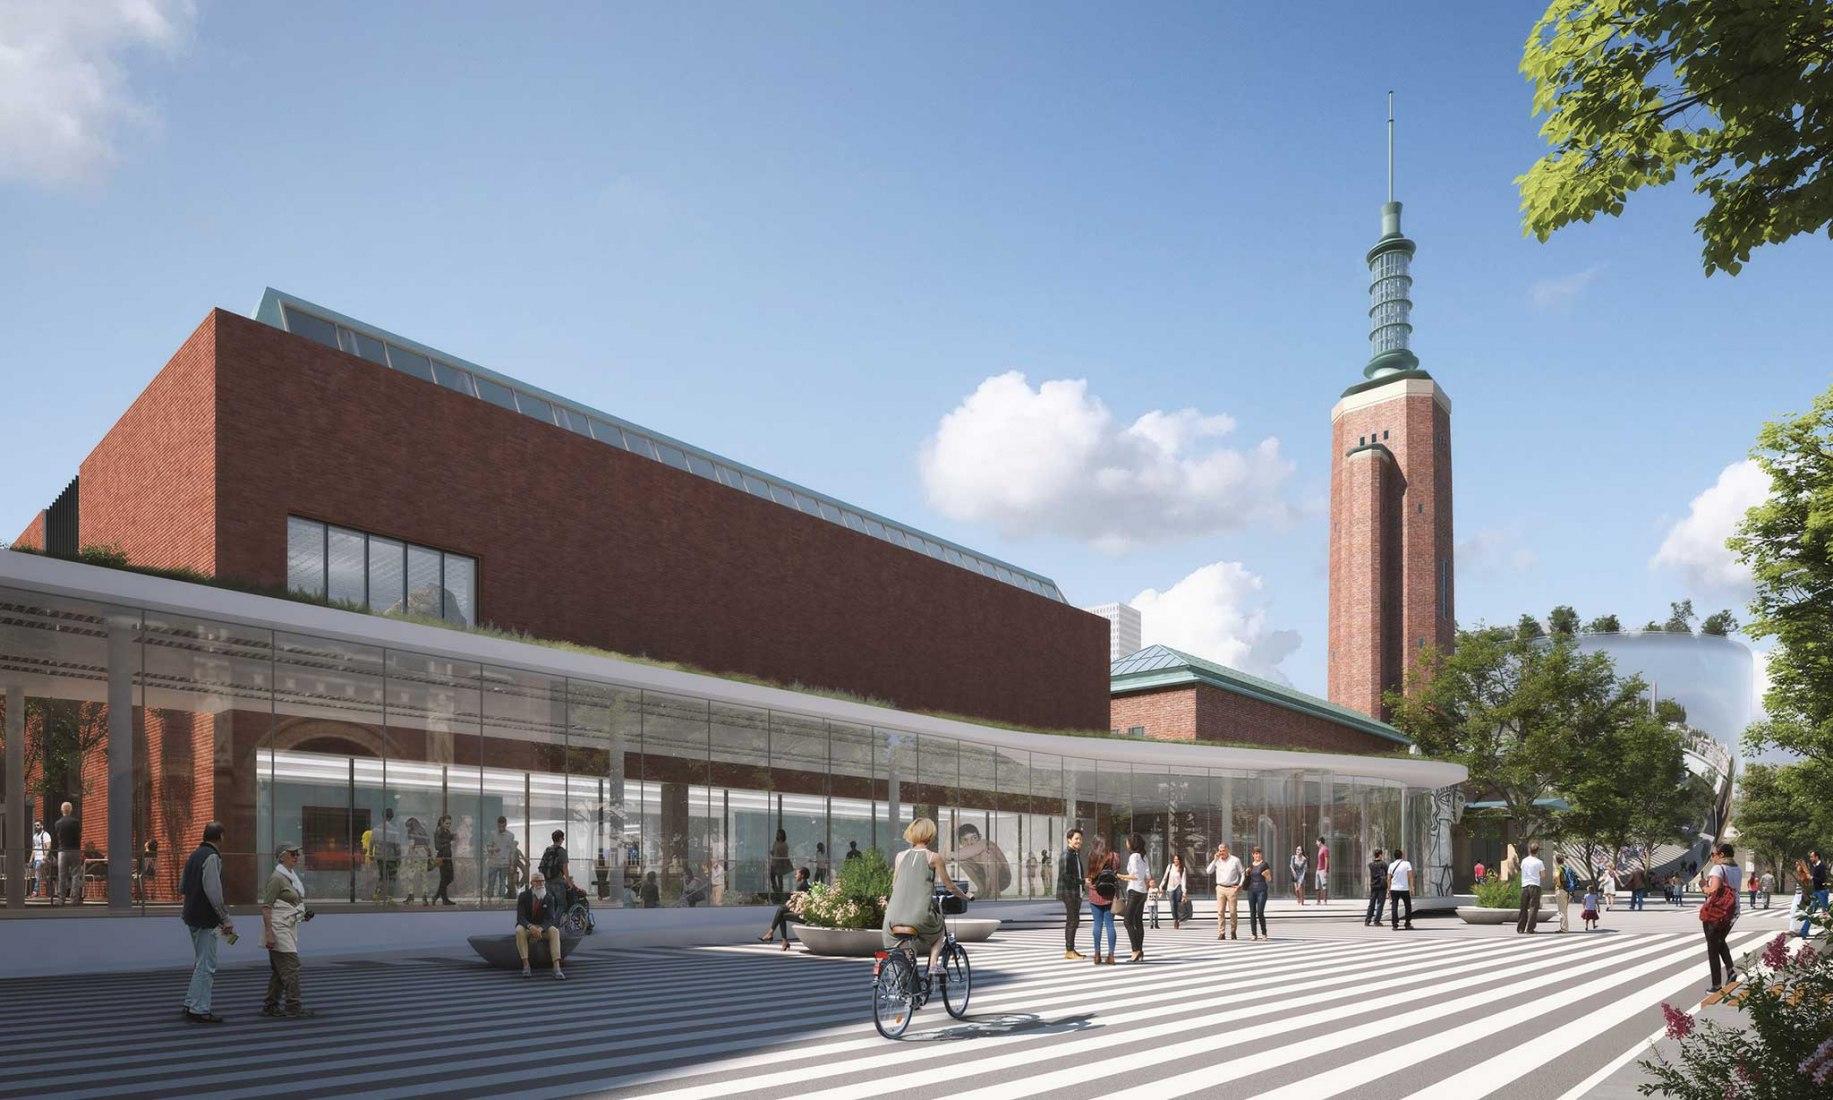 Rendering. New wing in Museum Boijmans van Beuningen by Mecanoo